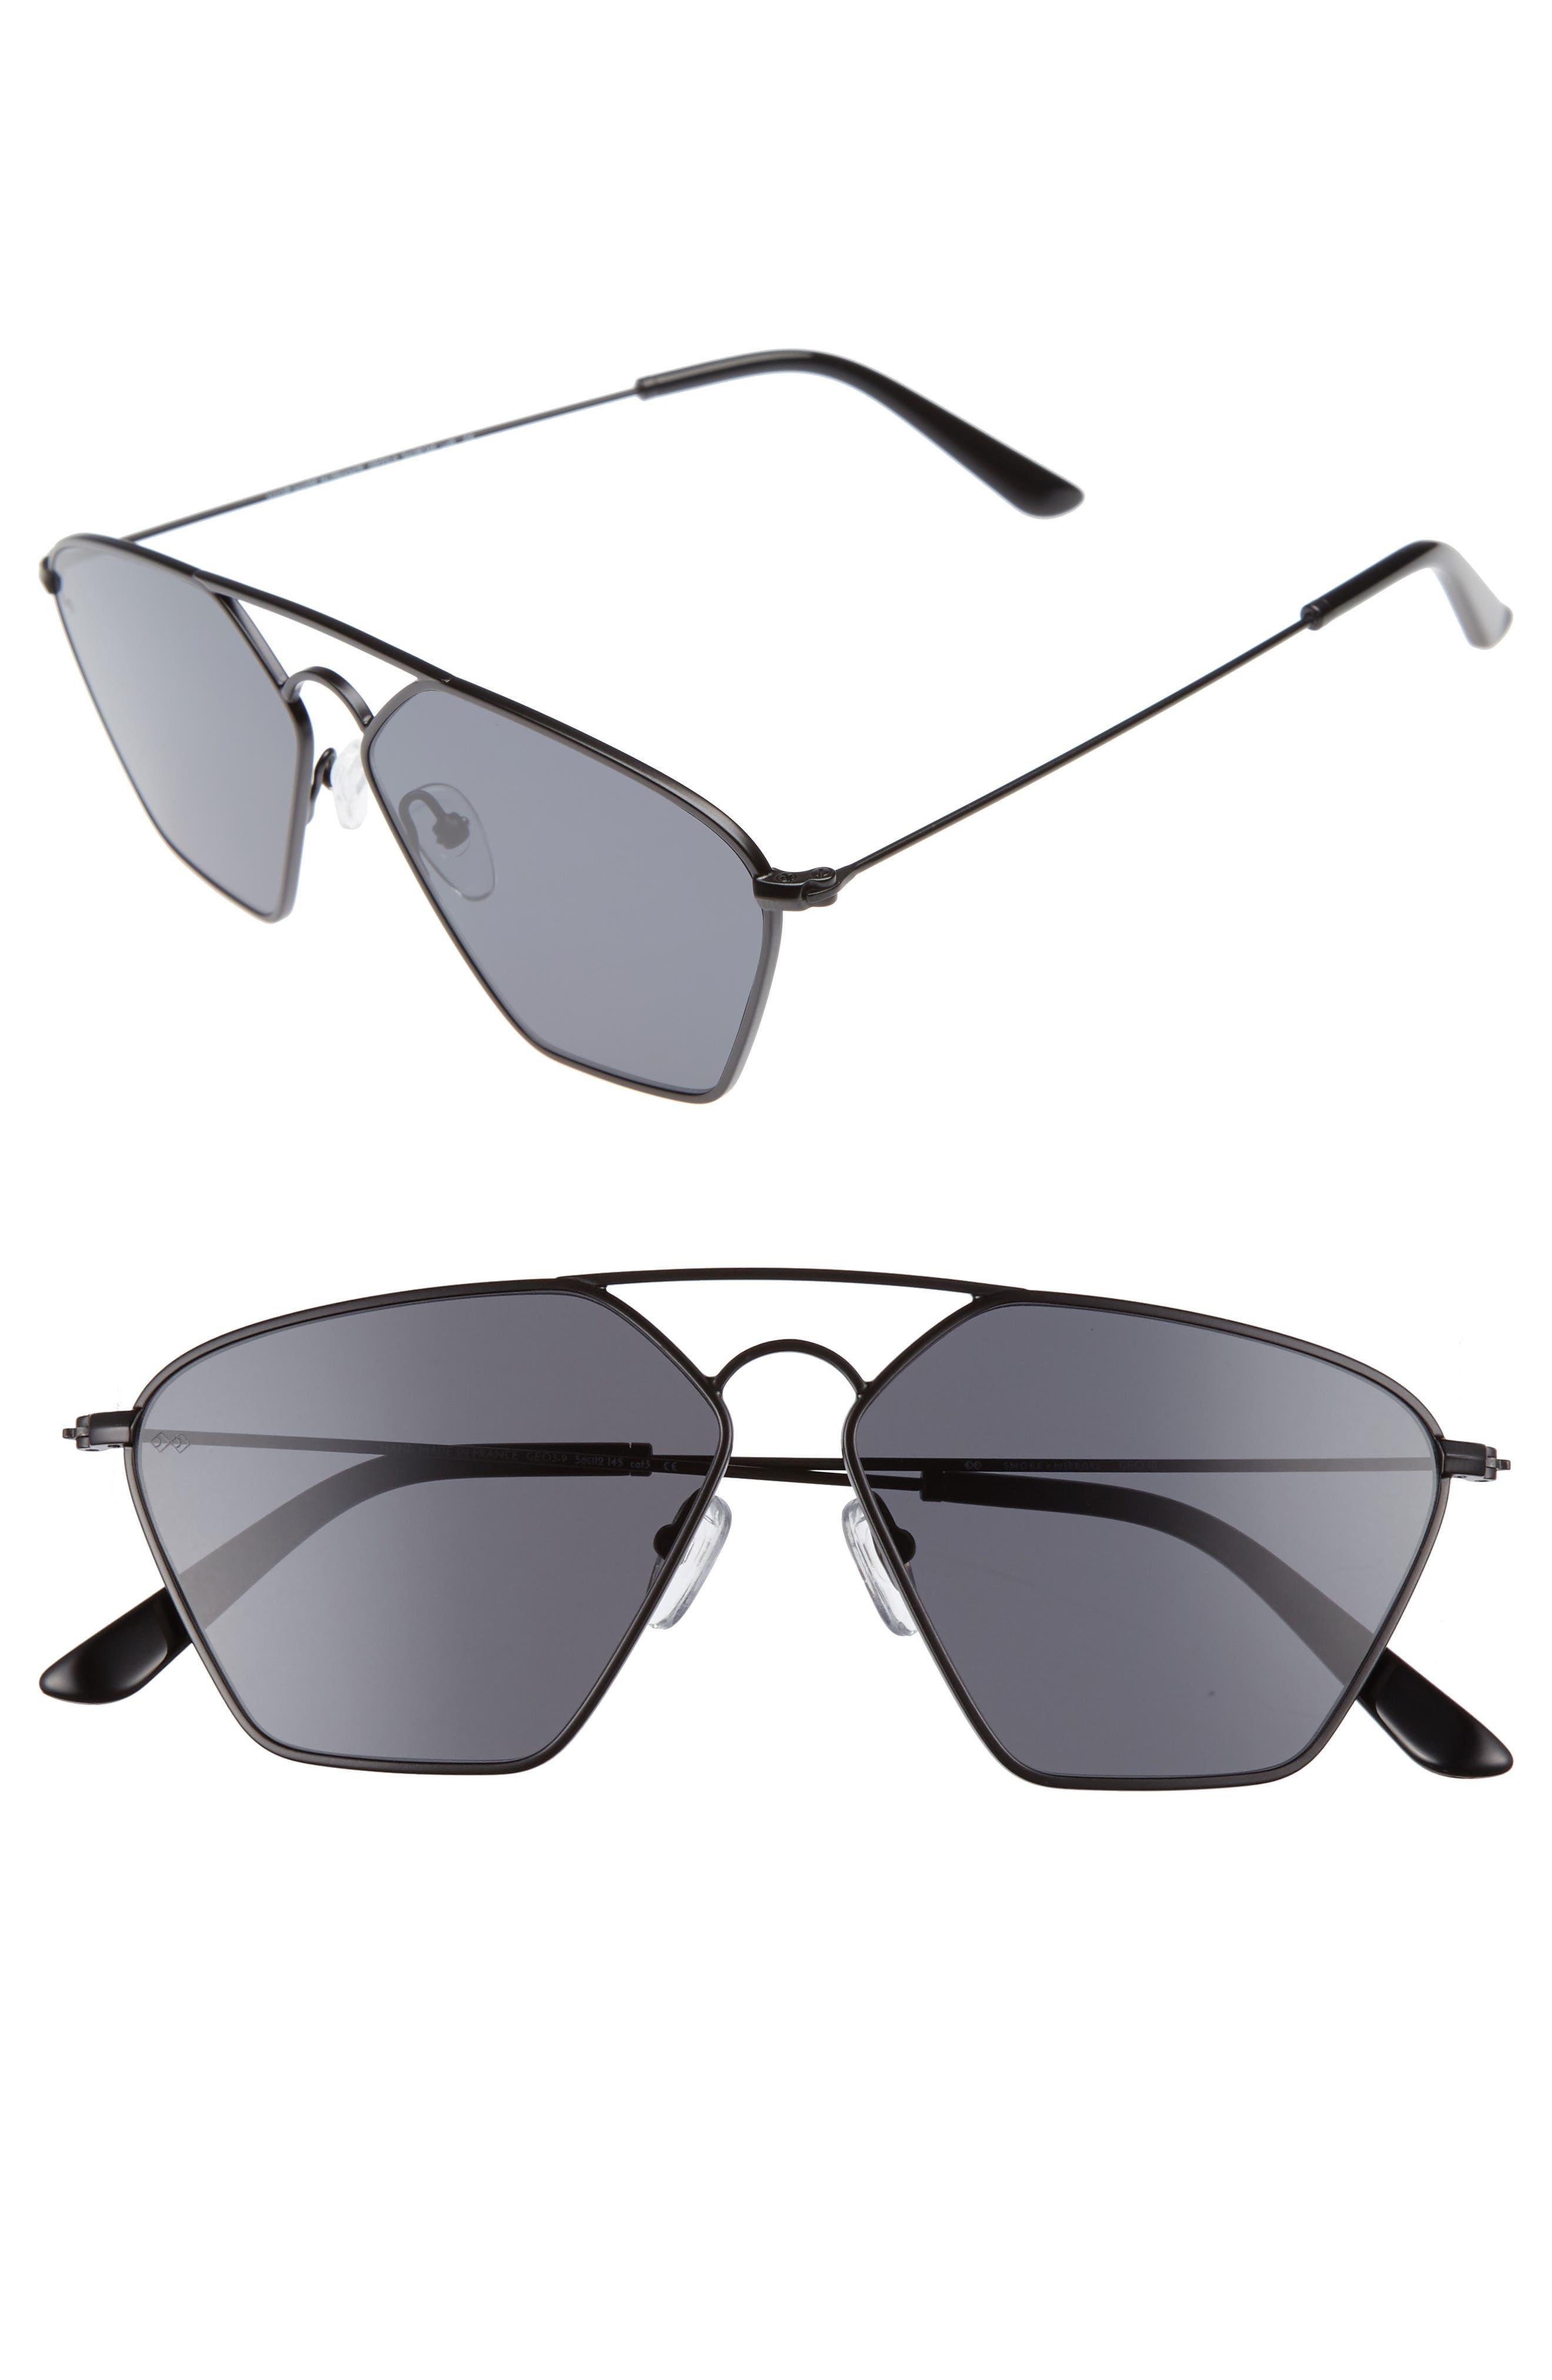 Main Image - SMOKE X MIRRORS Geo 3 56mm Retro Sunglasses